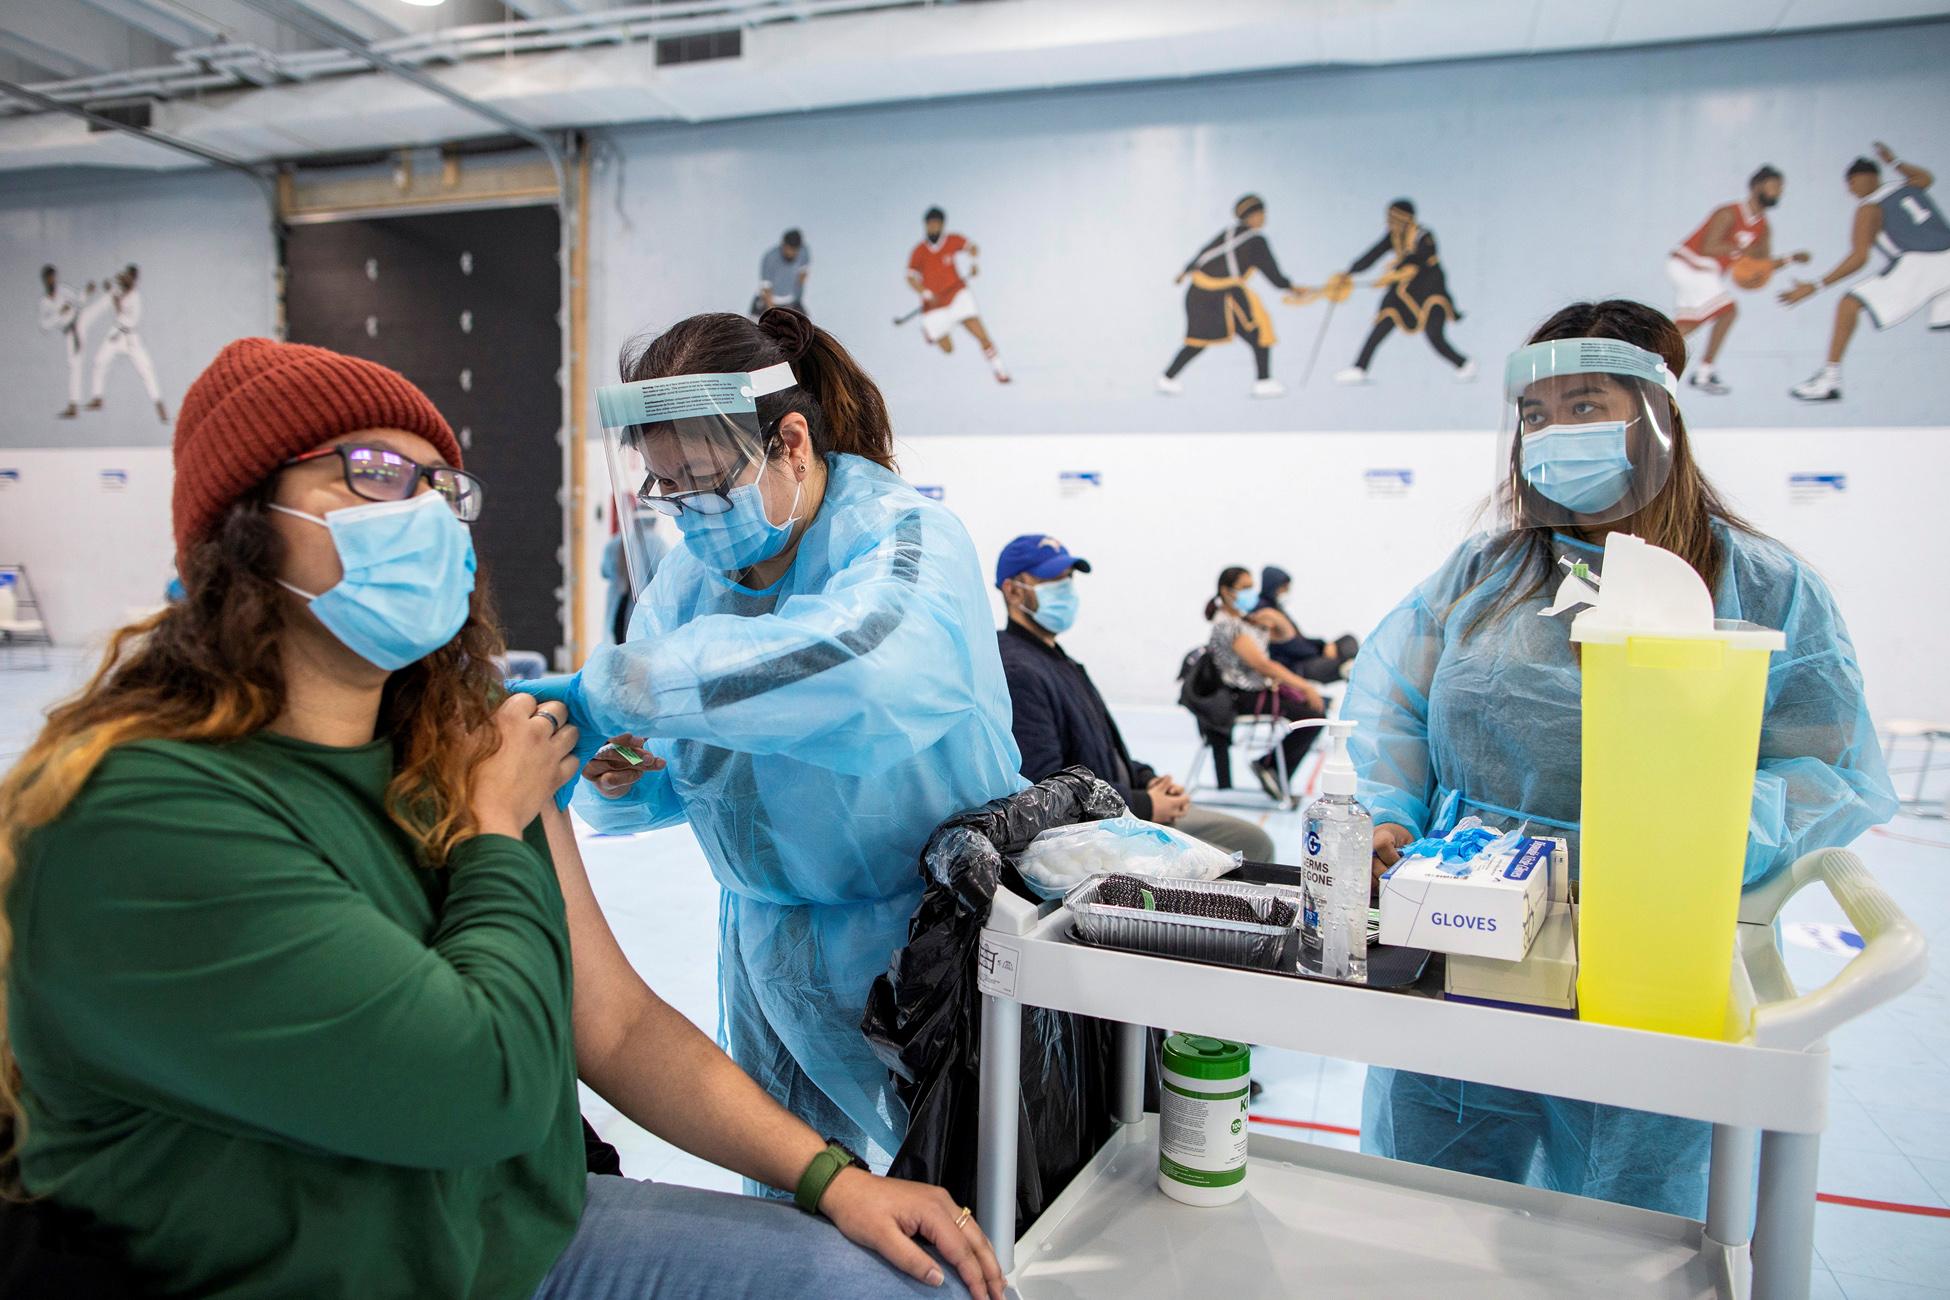 Βέλγιο: Ξεκινούν οι εμβολιασμοί των αστέγων στις Βρυξέλλες